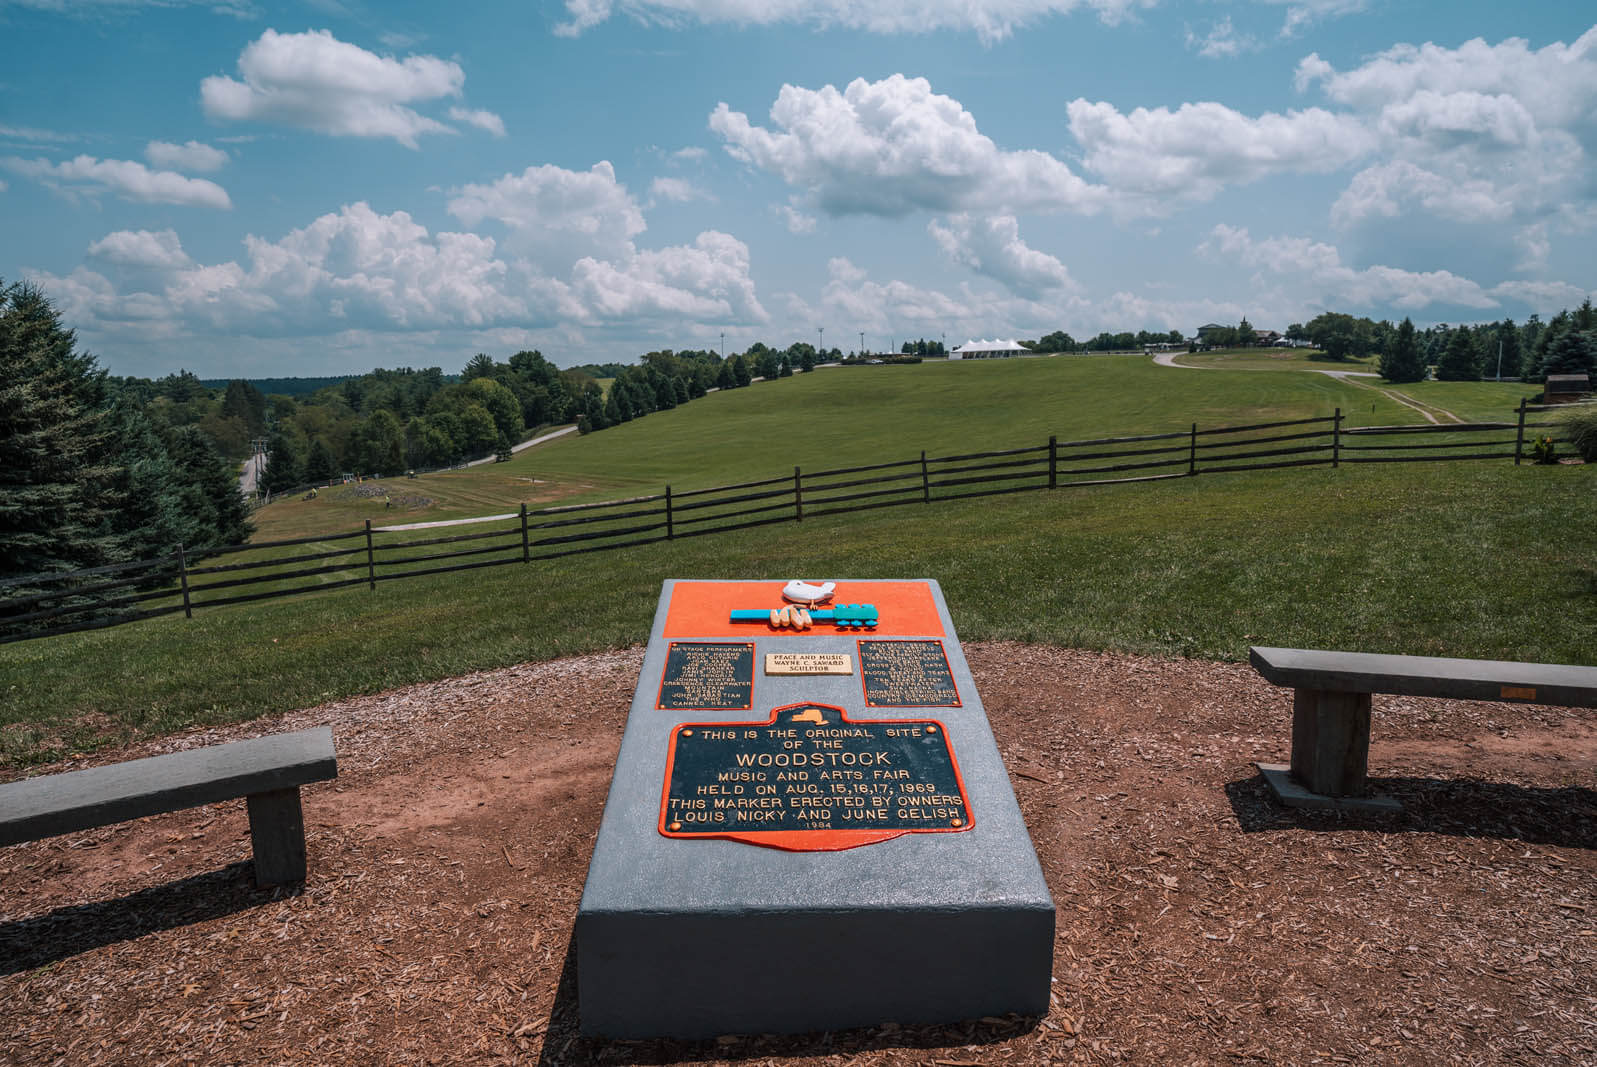 site of Woodstock music festival in Bethel New York